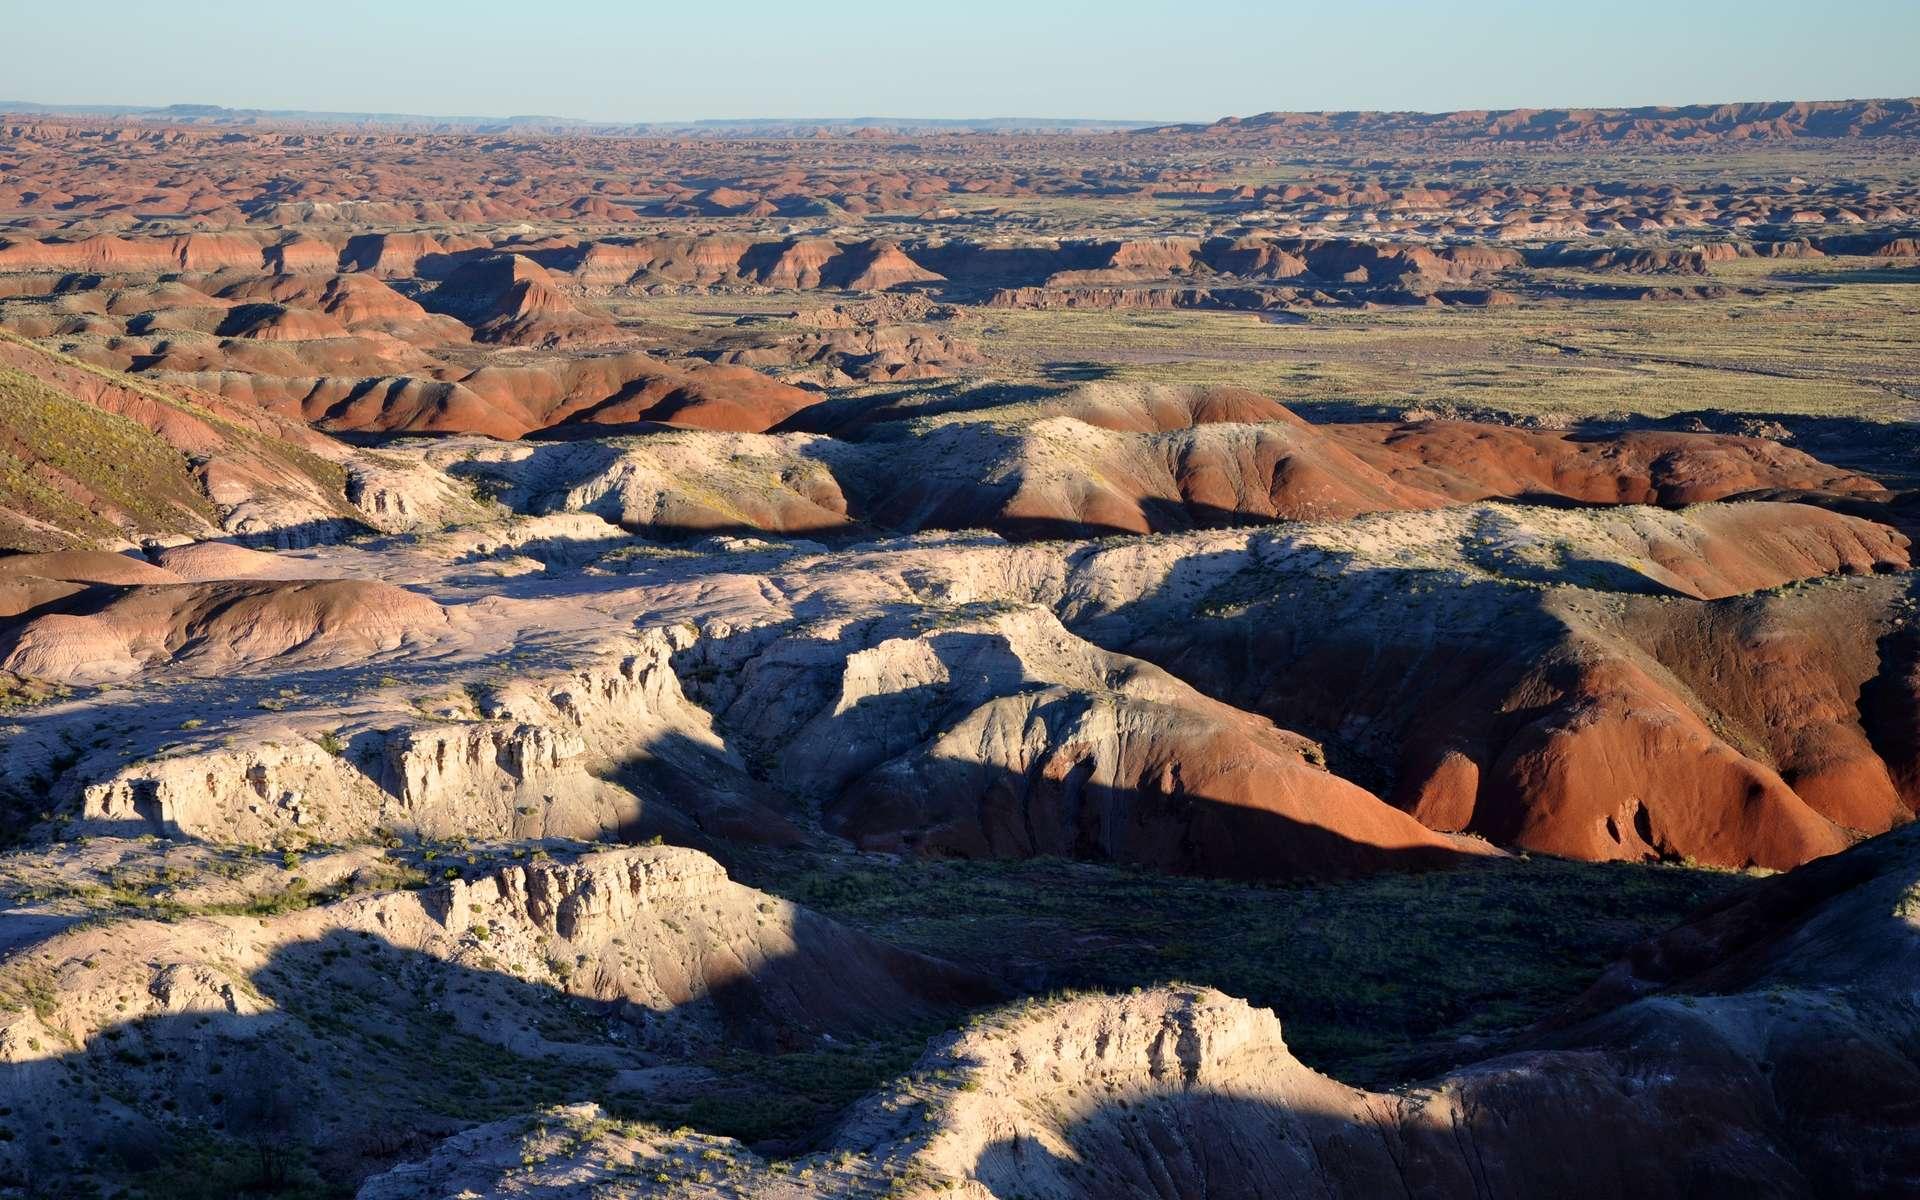 Badlands désertiques vues de Tawa Point dans le parc national de Petrified Forest, dans le nord-est de l'Arizona, aux États-Unis. © Finetooth